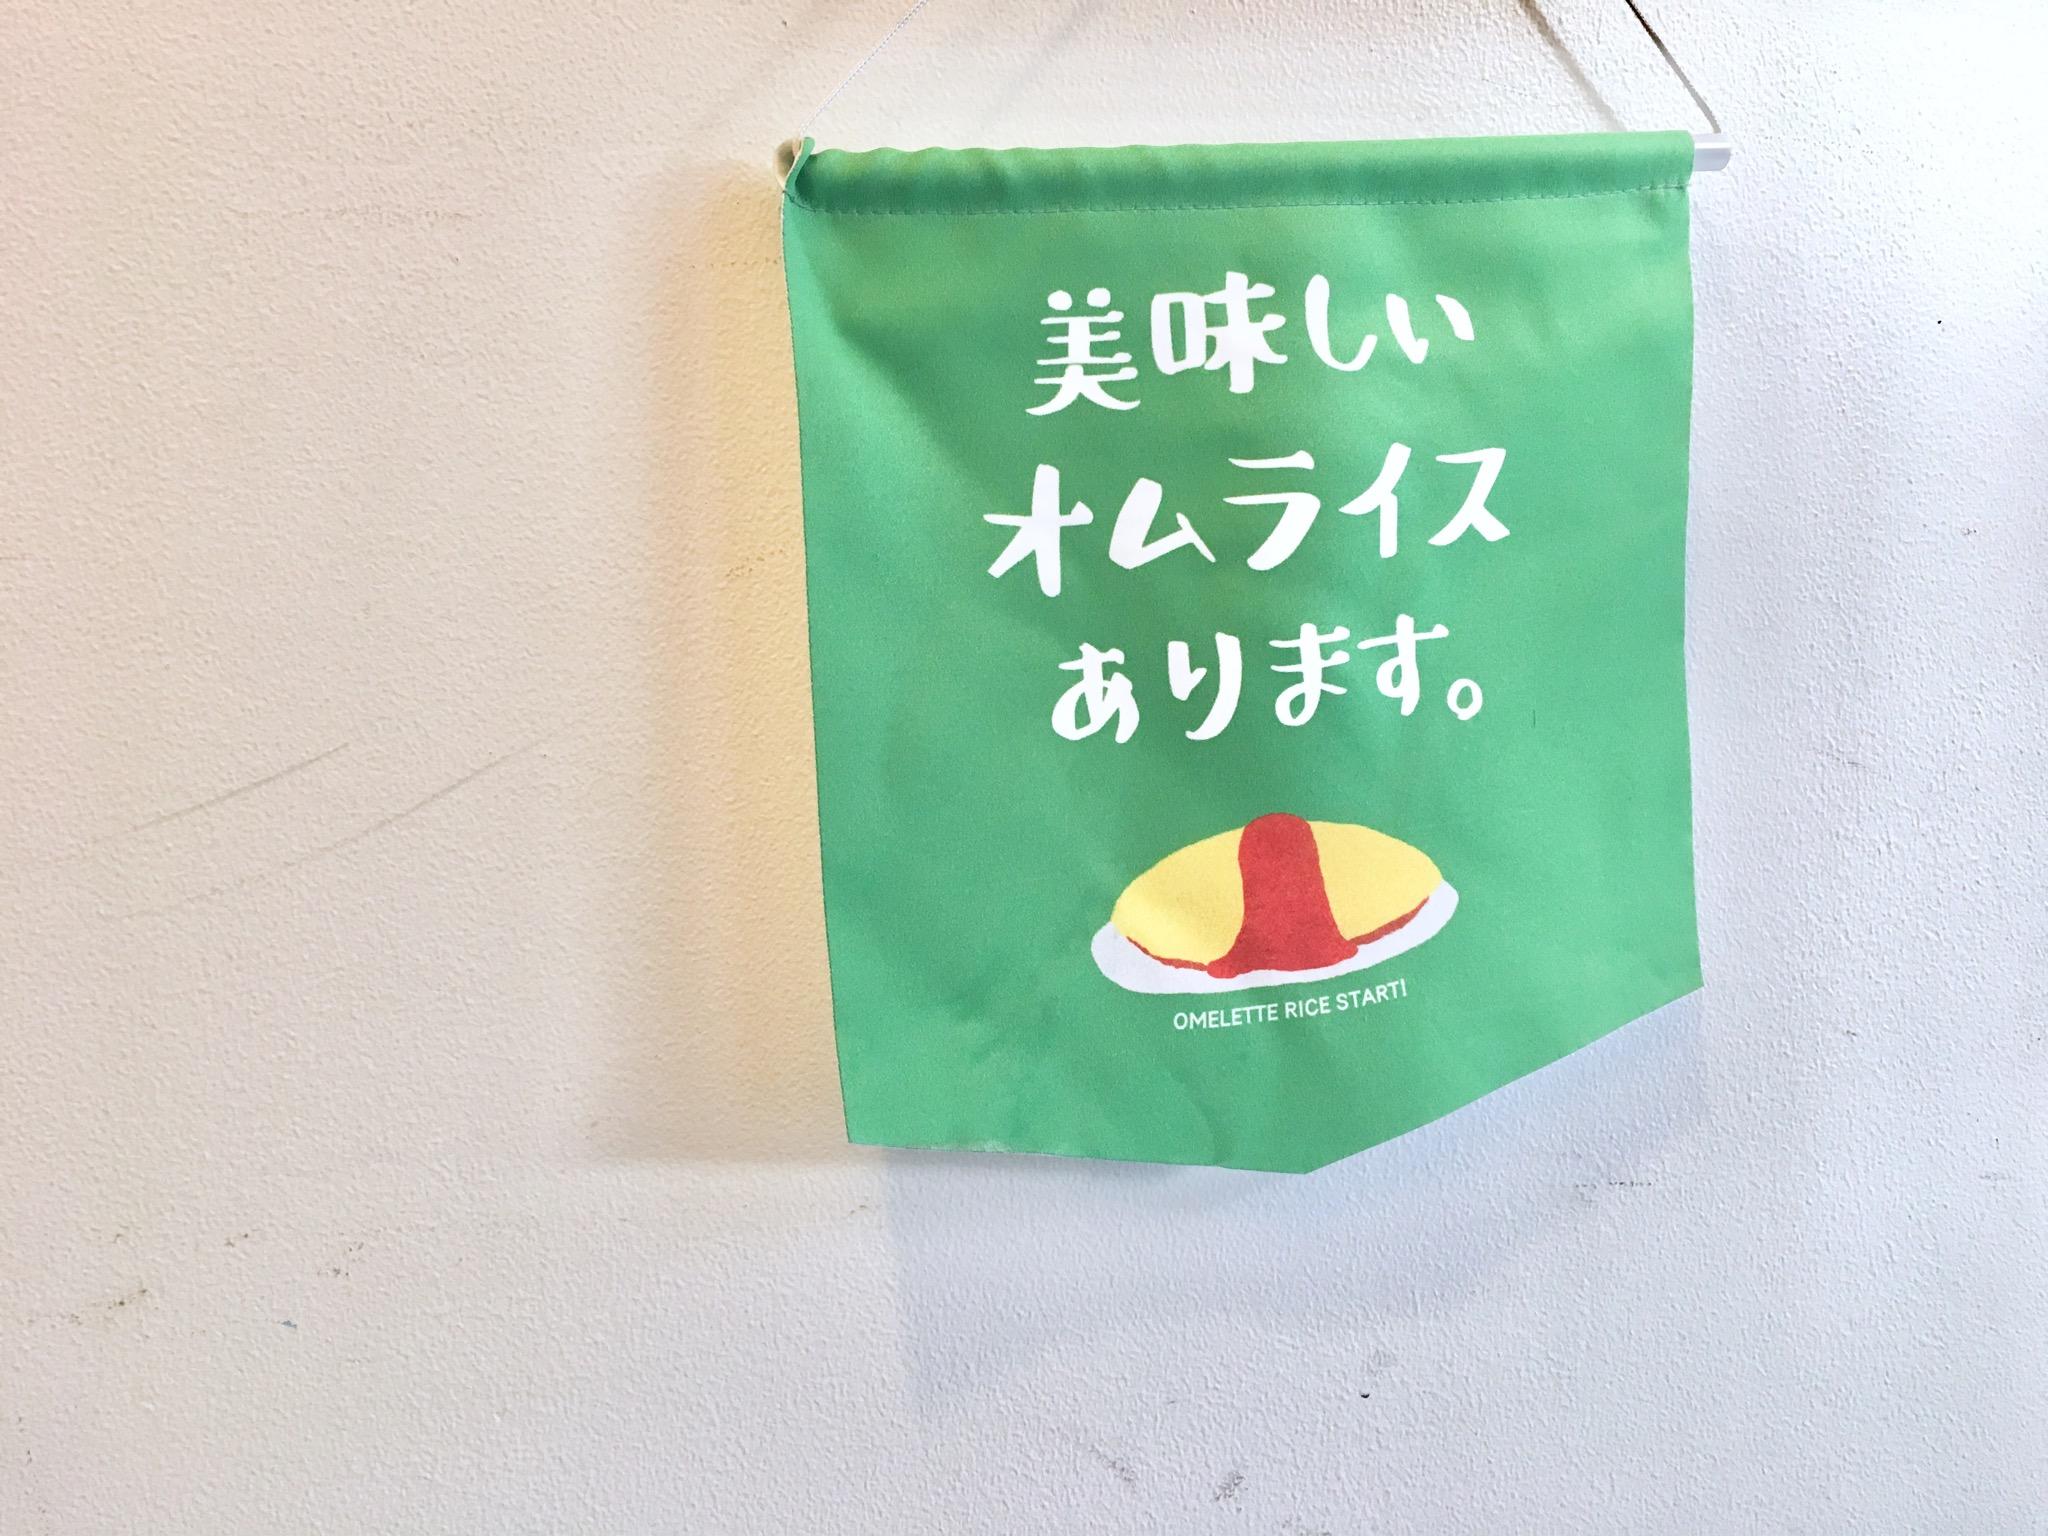 行列のできる『コーヒースタンドのオムライス』って?_4